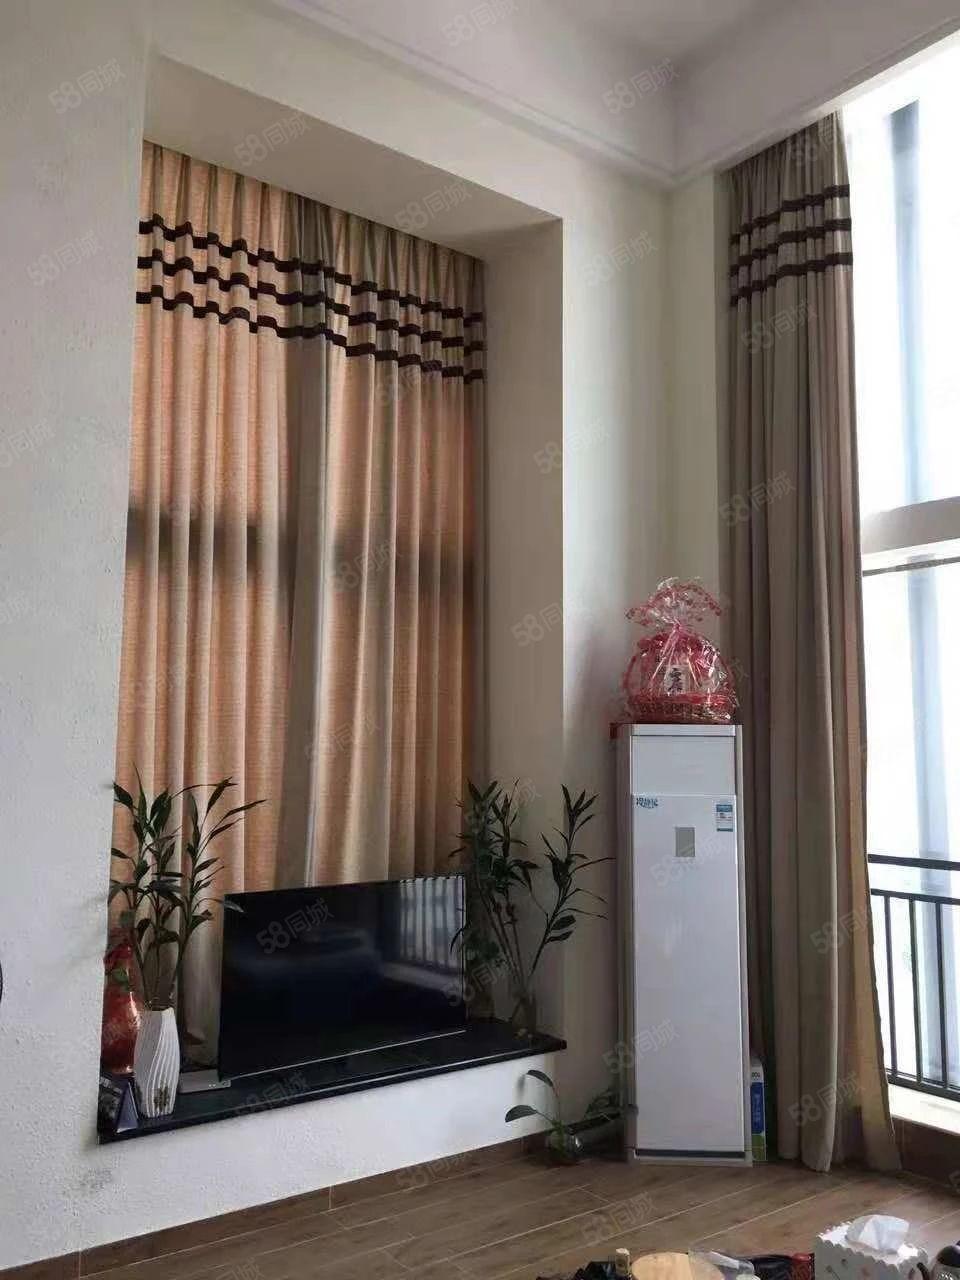 阳东(华科国际)精装复式公寓,全新家私家电,1房1厅2卫